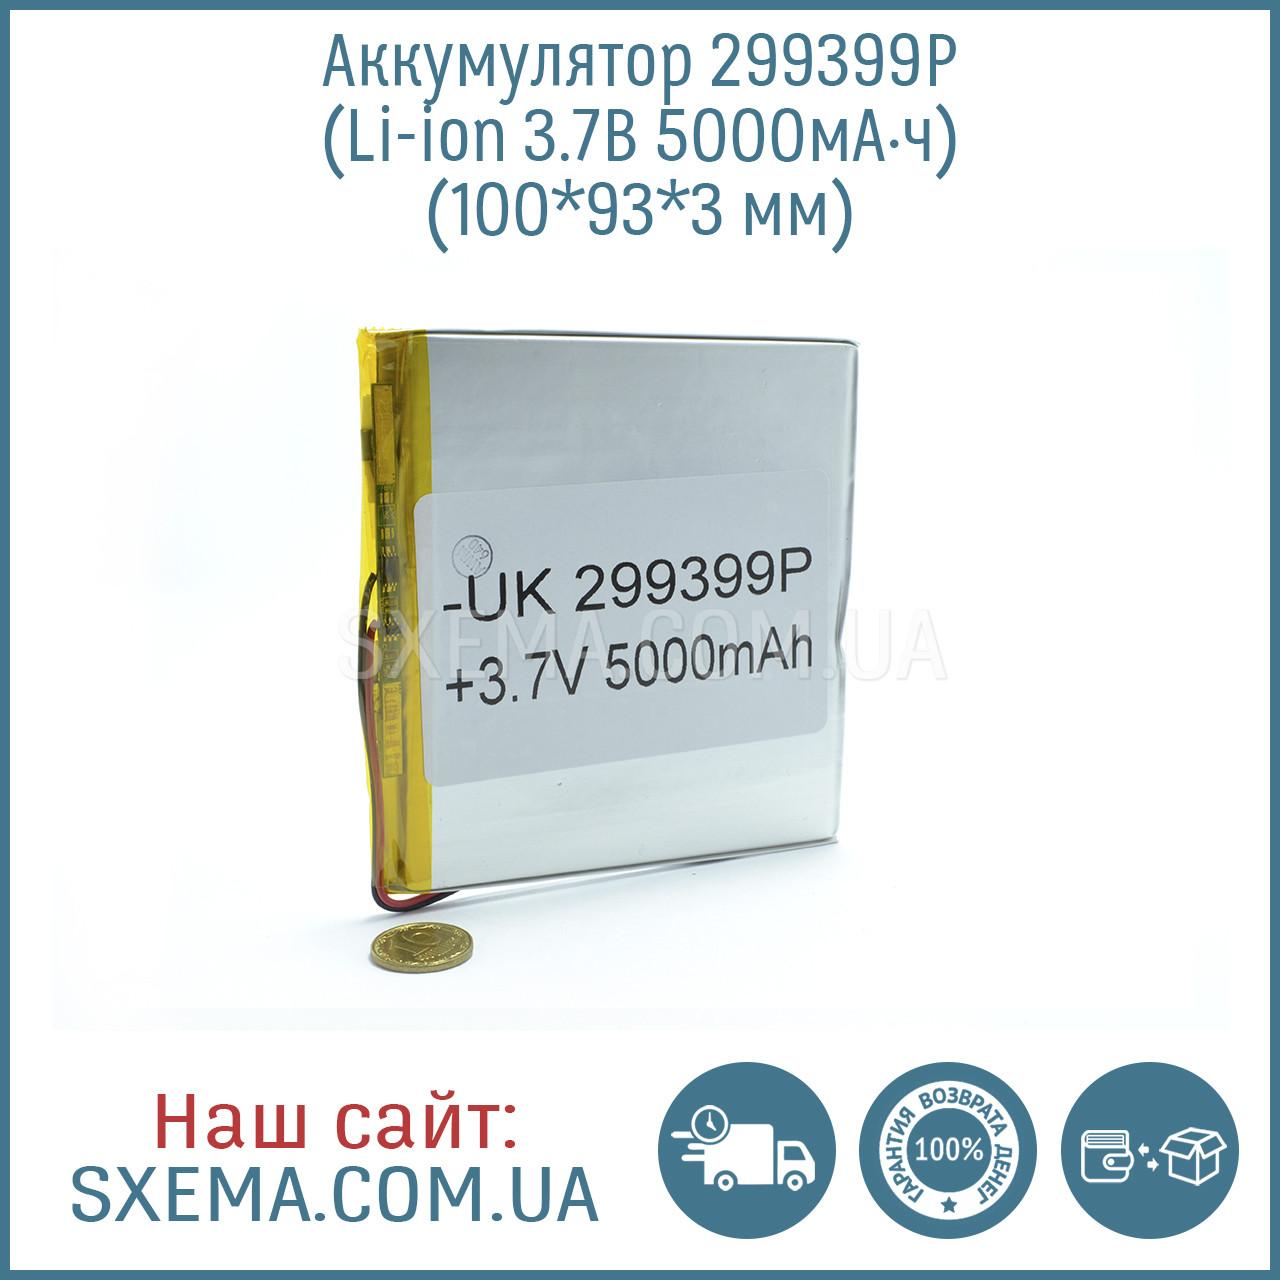 Аккумулятор универсальный 299399 (Li-ion 3.7В 5000мА·ч), (100*93*3 мм)